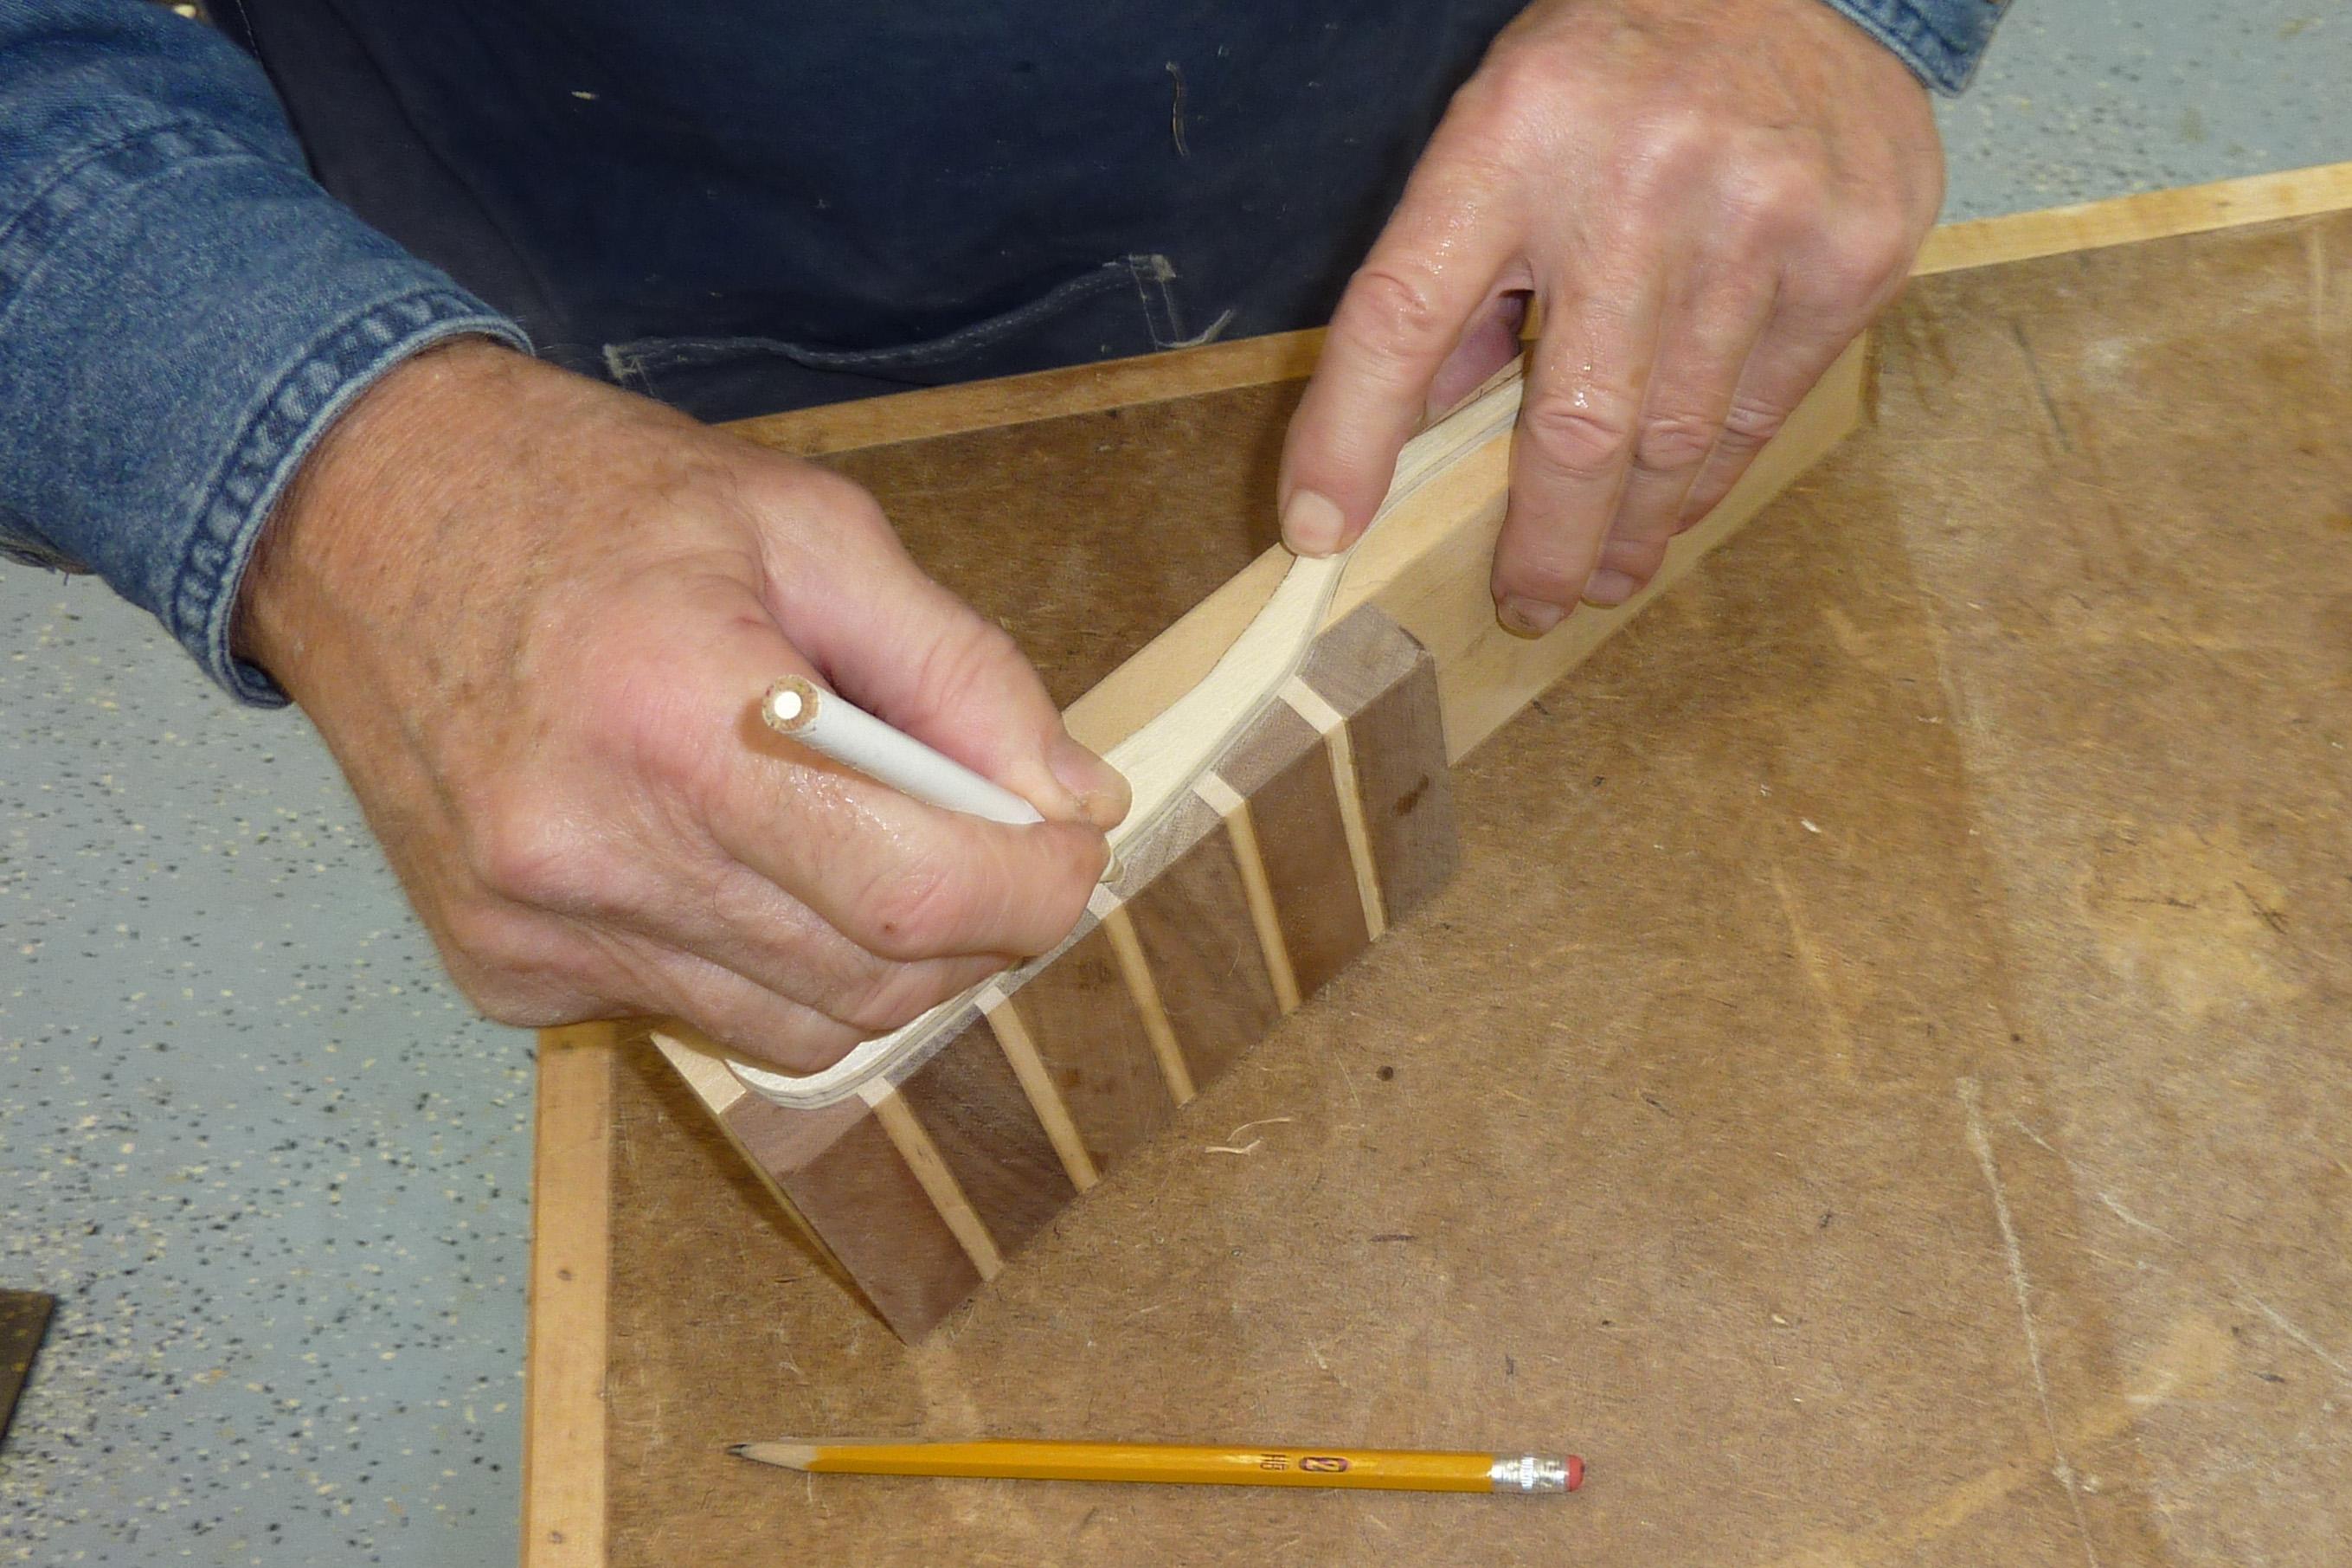 making wooden kitchen utensils